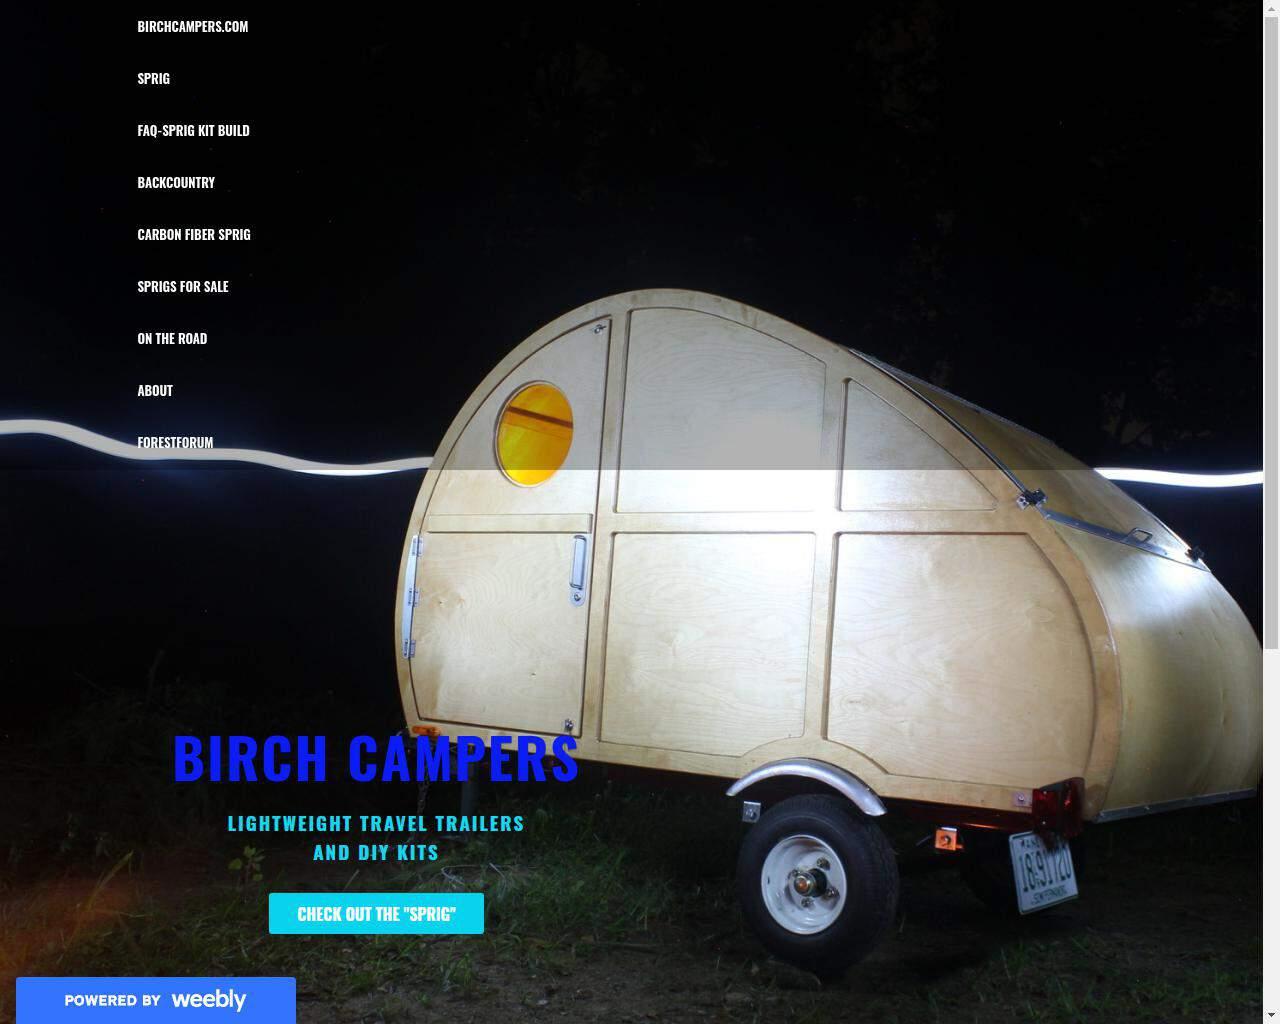 Birch Campers website